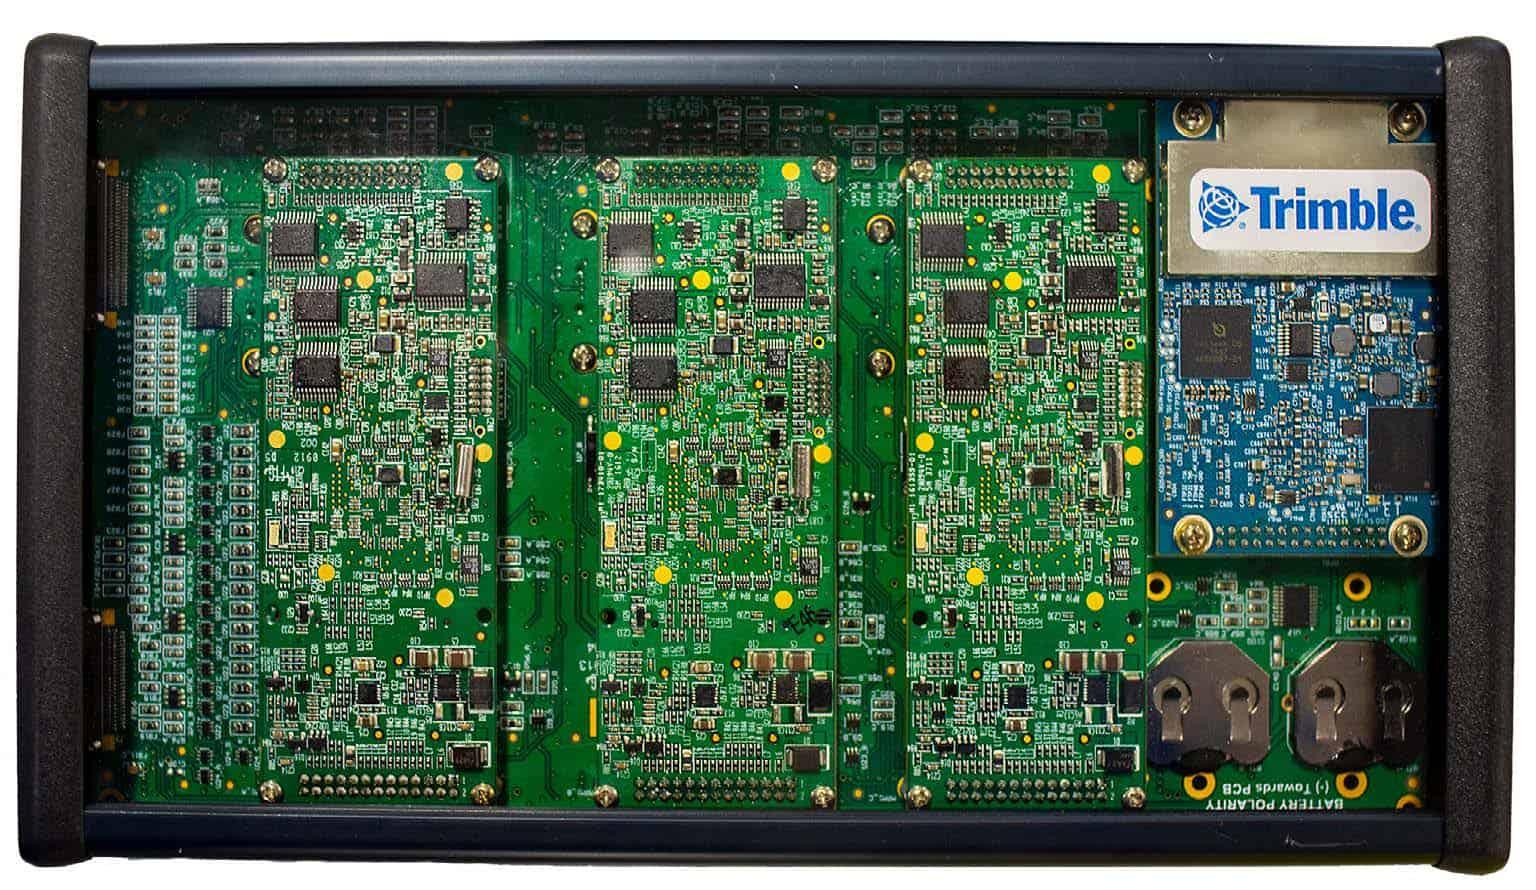 Trimble GNSS Receiver Micropilot UAV Autopilot